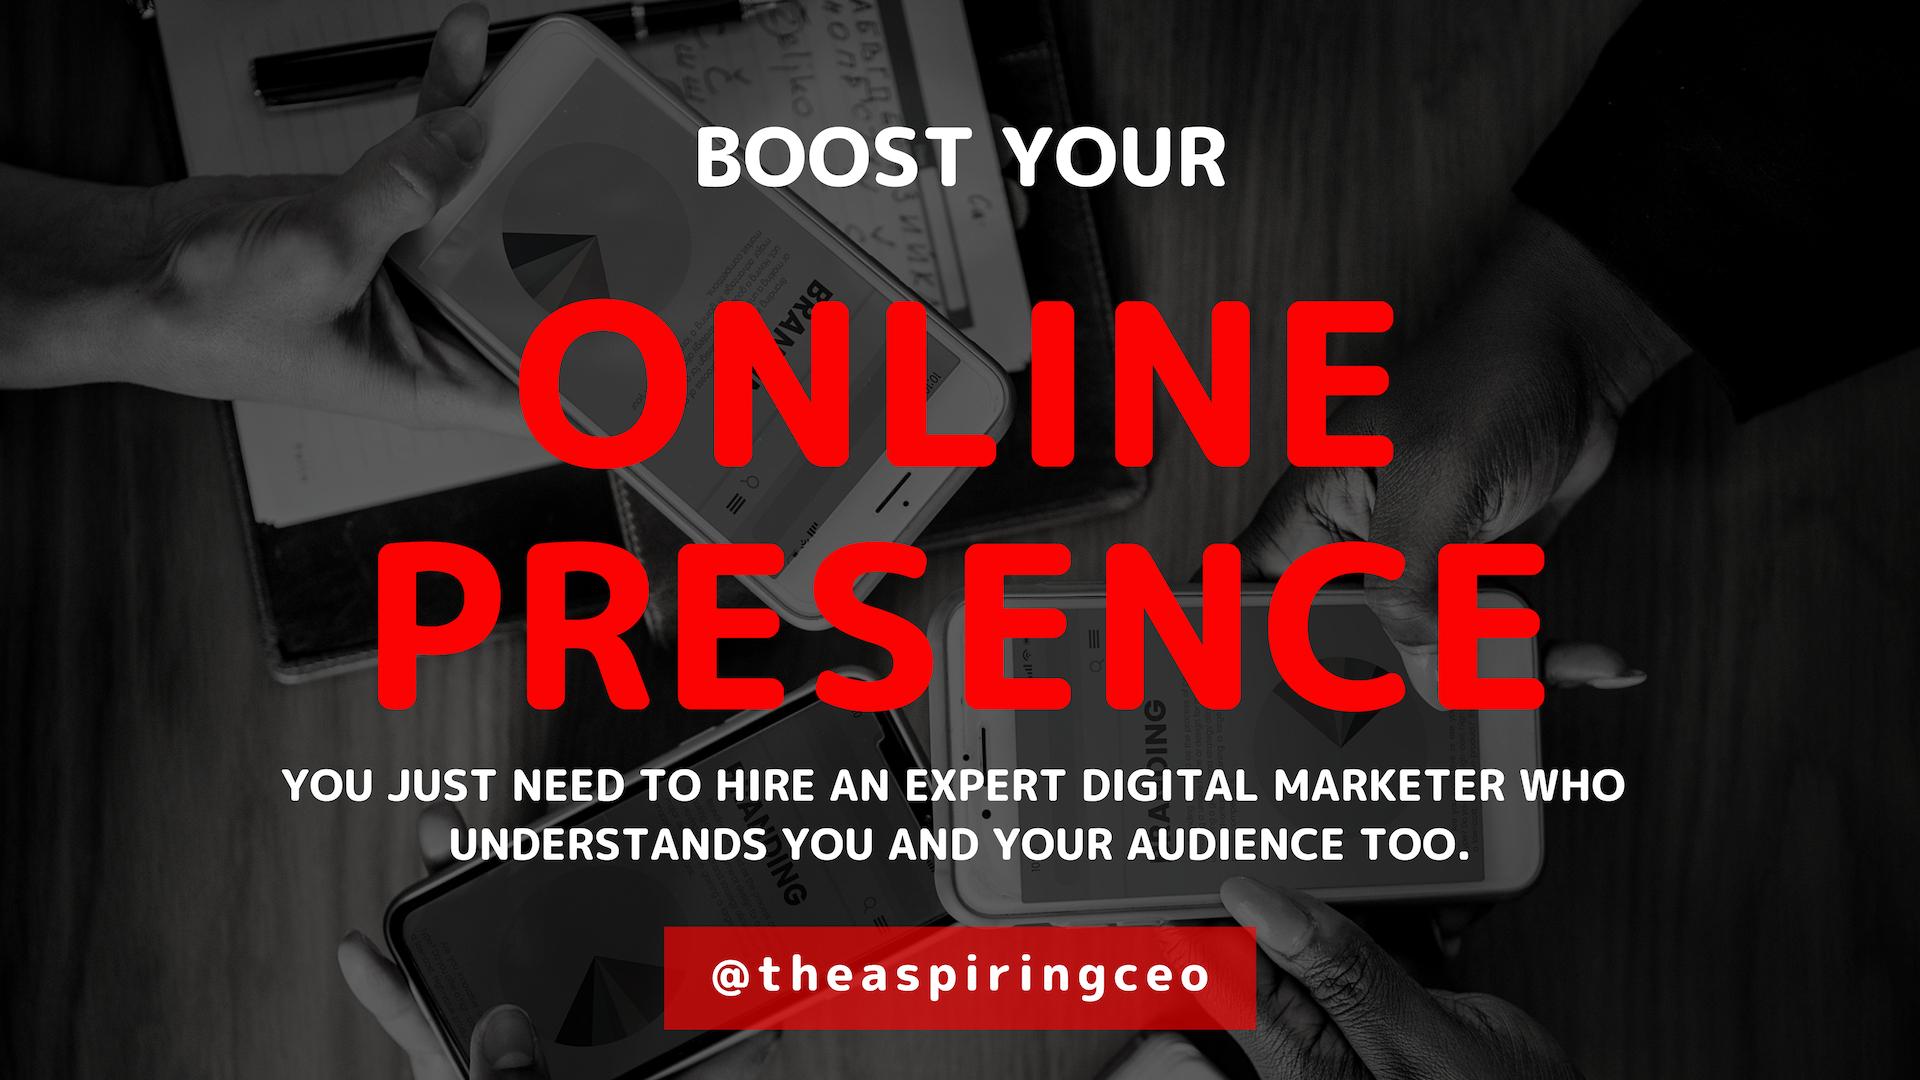 https://theaspiringceo.com/wp-content/uploads/2018/10/Online-Presence.jpg